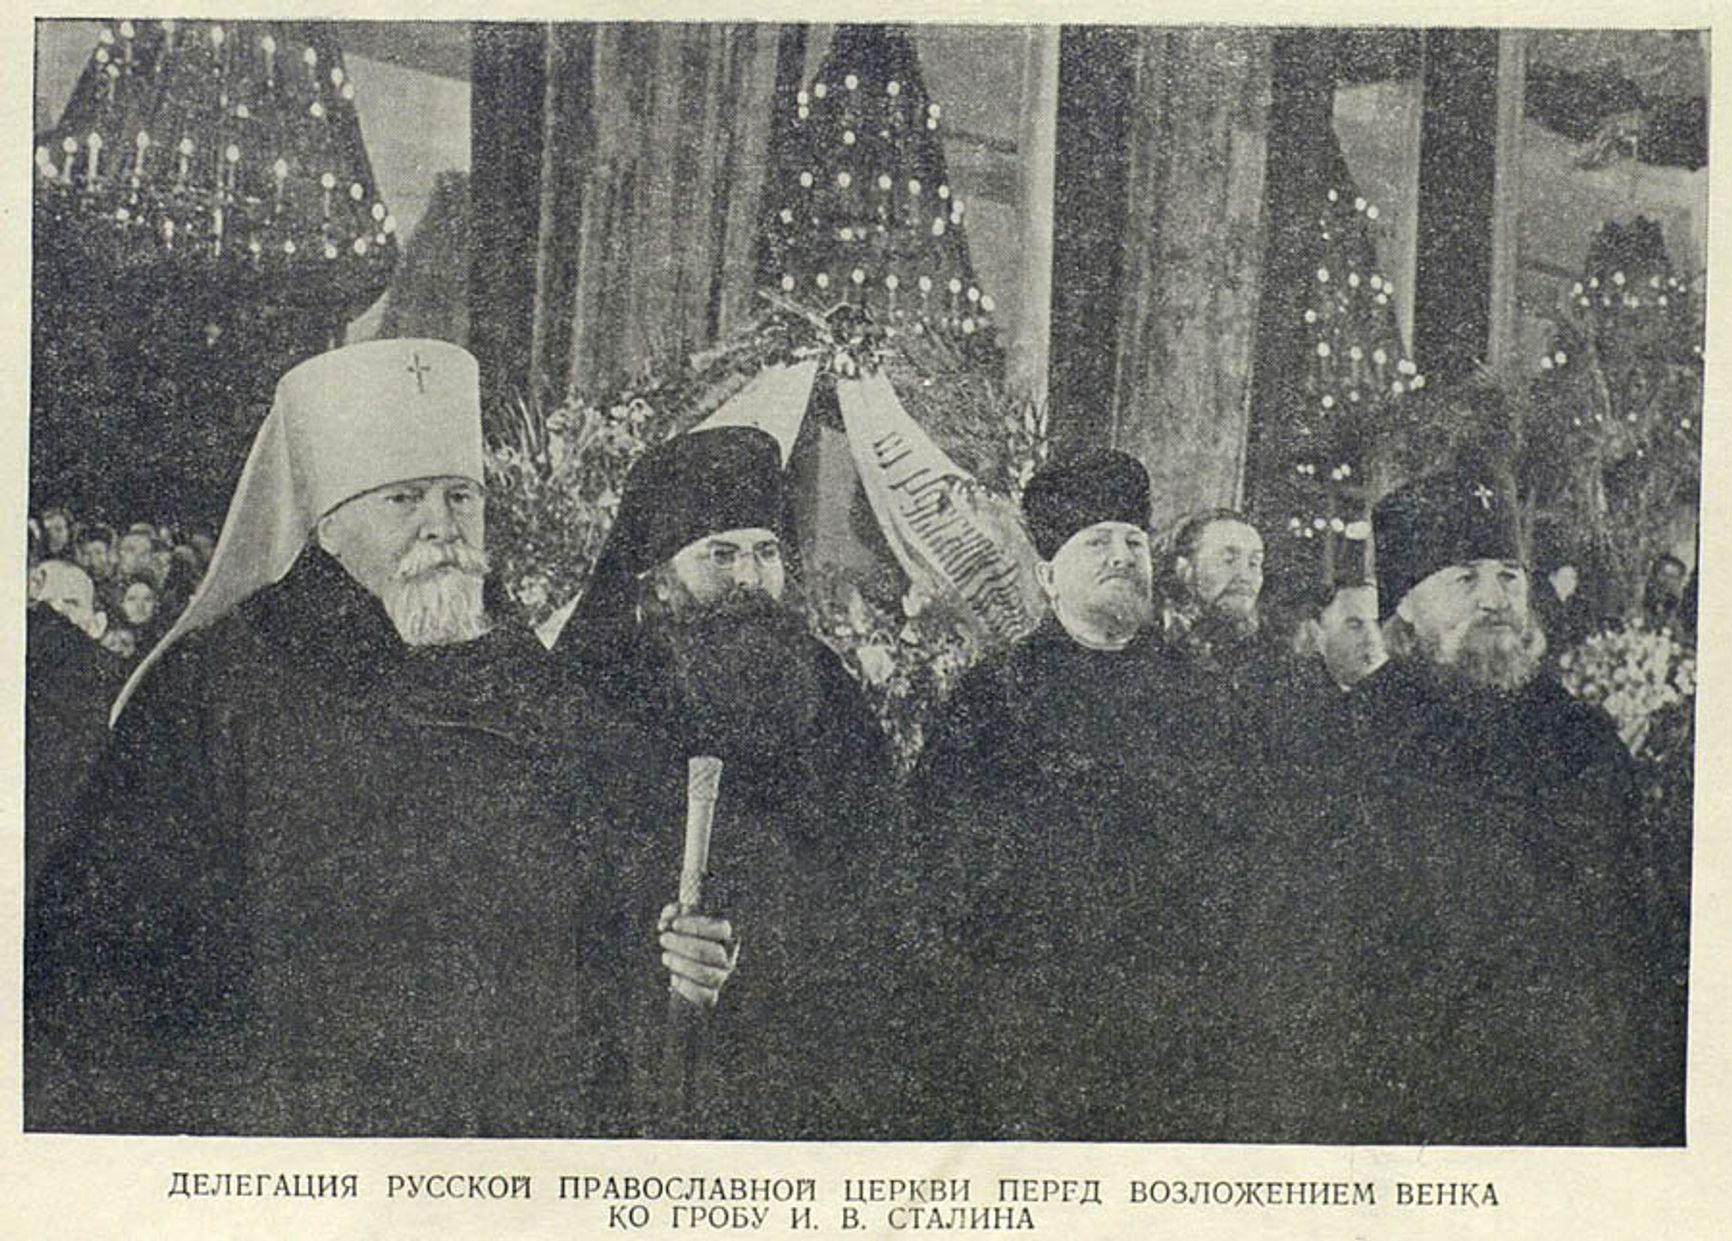 На похоронах Сталина. Первый в ряду - митрополит Николай (Ярушевич)